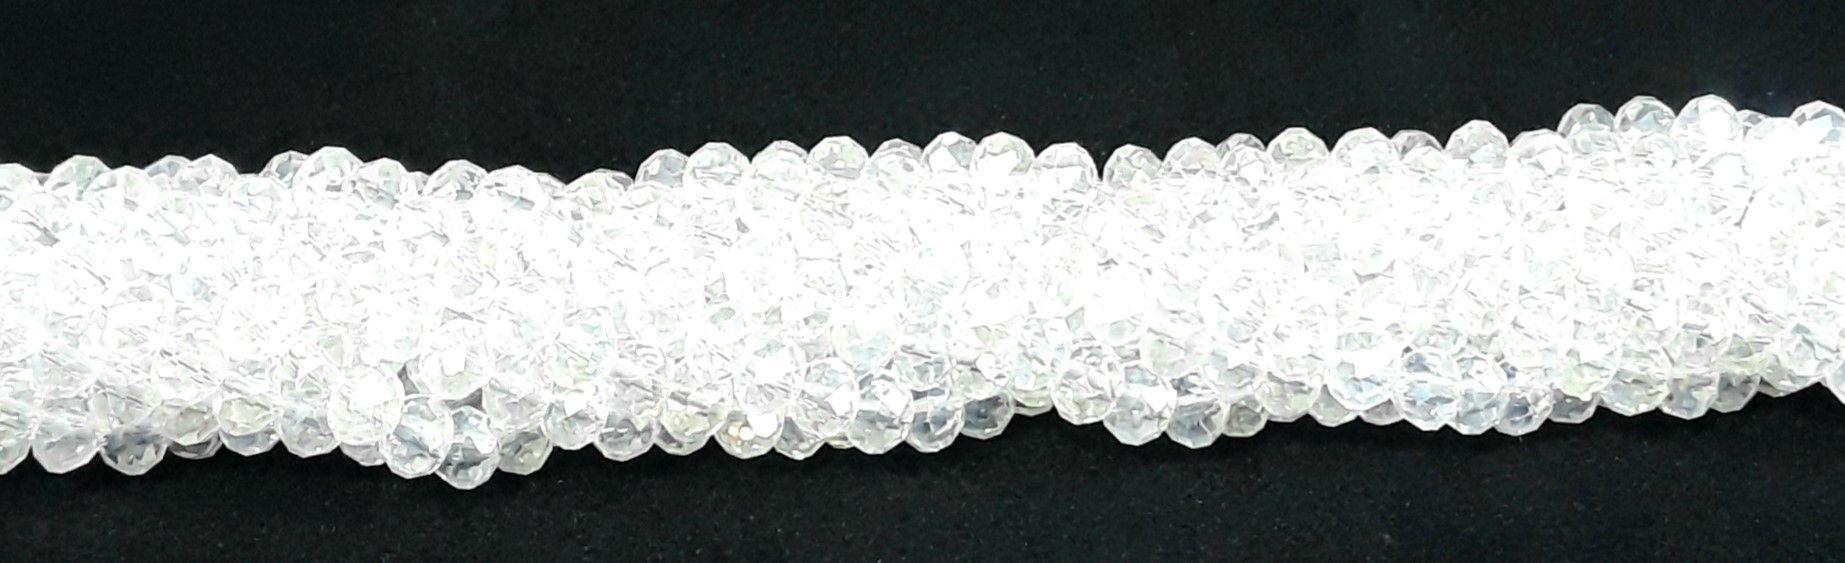 Fio de Cristal Achatado 6mm (Transparente AB) - FDC09